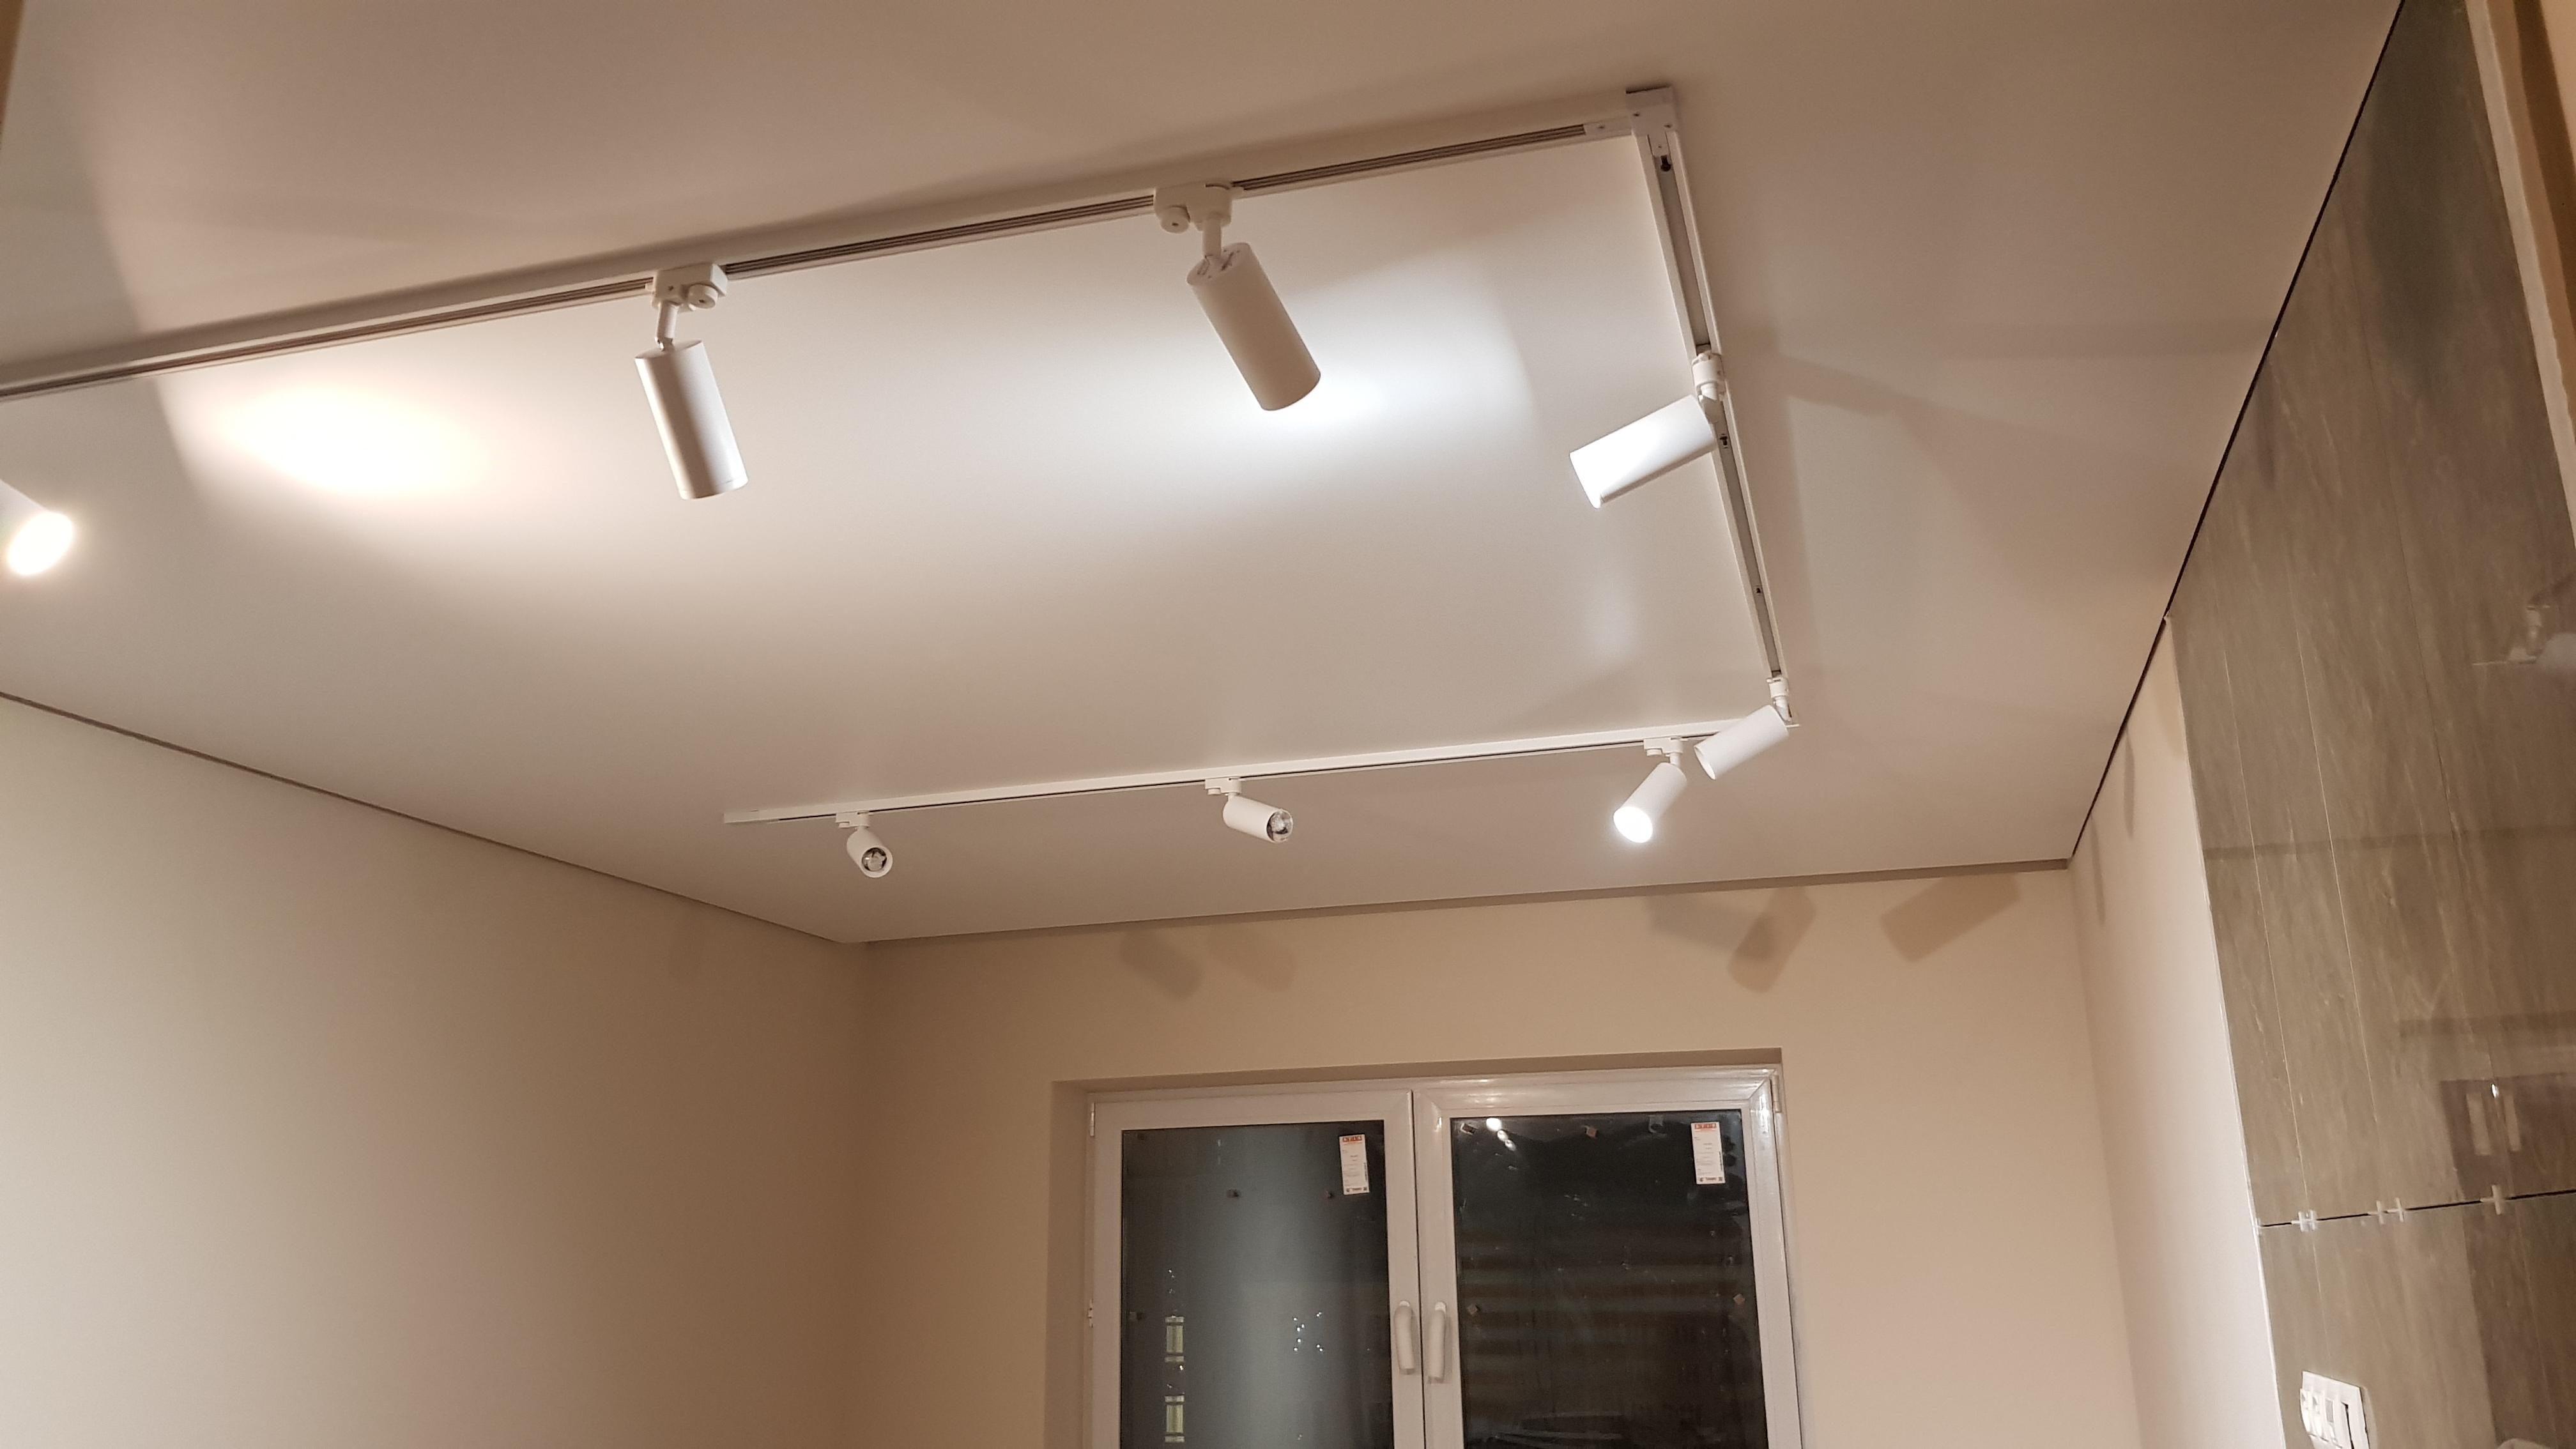 установка потолка натяжного, натяжные потолки с установкой, установка натяжных, установка потолка, мои потолки москва, потолок в москве, потолки в москве, натяжные потолки и их цена, потолок натяжной цены, цены на натяжной потолок, цены на натяжной, цена потолок, потолки цена, мой потолок натяжные потолки, потолок натяжные потолки, натяжные потолки с, натяжные потолки а, натяжные потолки потолков, натяжными потолками, потолки натяжной, натяжной, натяжные потолки можно, лучшие натяжные потолки, натяжные потолки фото и цены, куплю натяжной потолок, купить натяжные потолки, натяжные потолки купить, мои потолки, все потолки, потолок нет, к потолки, мой потолок, монтаж потолков, потолком, потолку, купить натяжной, навесные потолки, потолки, натяжные потолки фото, подвесные потолки цены, подвесной потолок цена, потолки отзывы, потолки купить, потолок купить, натяжные потолки потолочные, купить потолки, потолочные натяжные потолки, пвх потолки, тканевые потолки, Узнать цену, Калькулятор натяжных потолков, натяжные потолки ремонт, отзывы фирм по натяжным потолкам, фотопечать, калькулятор, матовый, срочно, Балашиха, подсветка в натяжном потолке, устанавливать, световой, зао, натяжные потолки цена москва, Цена натяжных потолков в Москве -точка, натяжные потолки цена +за 1м2 +с установкой, натяжной потолок установка москва, натяжные потолки стоимость расчет заказывать просчитывать точка освещения, натяжной потолок цена за м2, потолок дизайн, натяжные потолки установка -калькулятор -цена -монтаж -москва, натяжной потолок подсветка, натяжные потолки калькулятор, натяжной потолок установка -москва -цена, натяжные потолки отзывы -воскресенск, монтаж натяжные потолки -установка -гарпун, матовые натяжные потолки, световые линии, натяжной потолок цена +за м2 +с работой, натяжные потолки установить, подвесной потолок цена -реутов, натяжные стены, световой натяжной потолок, Ремонт натяжных потолков, парящий натяжной потолок, натяжной потолок рассчитать -коттедж -цена, Заказать натяжные